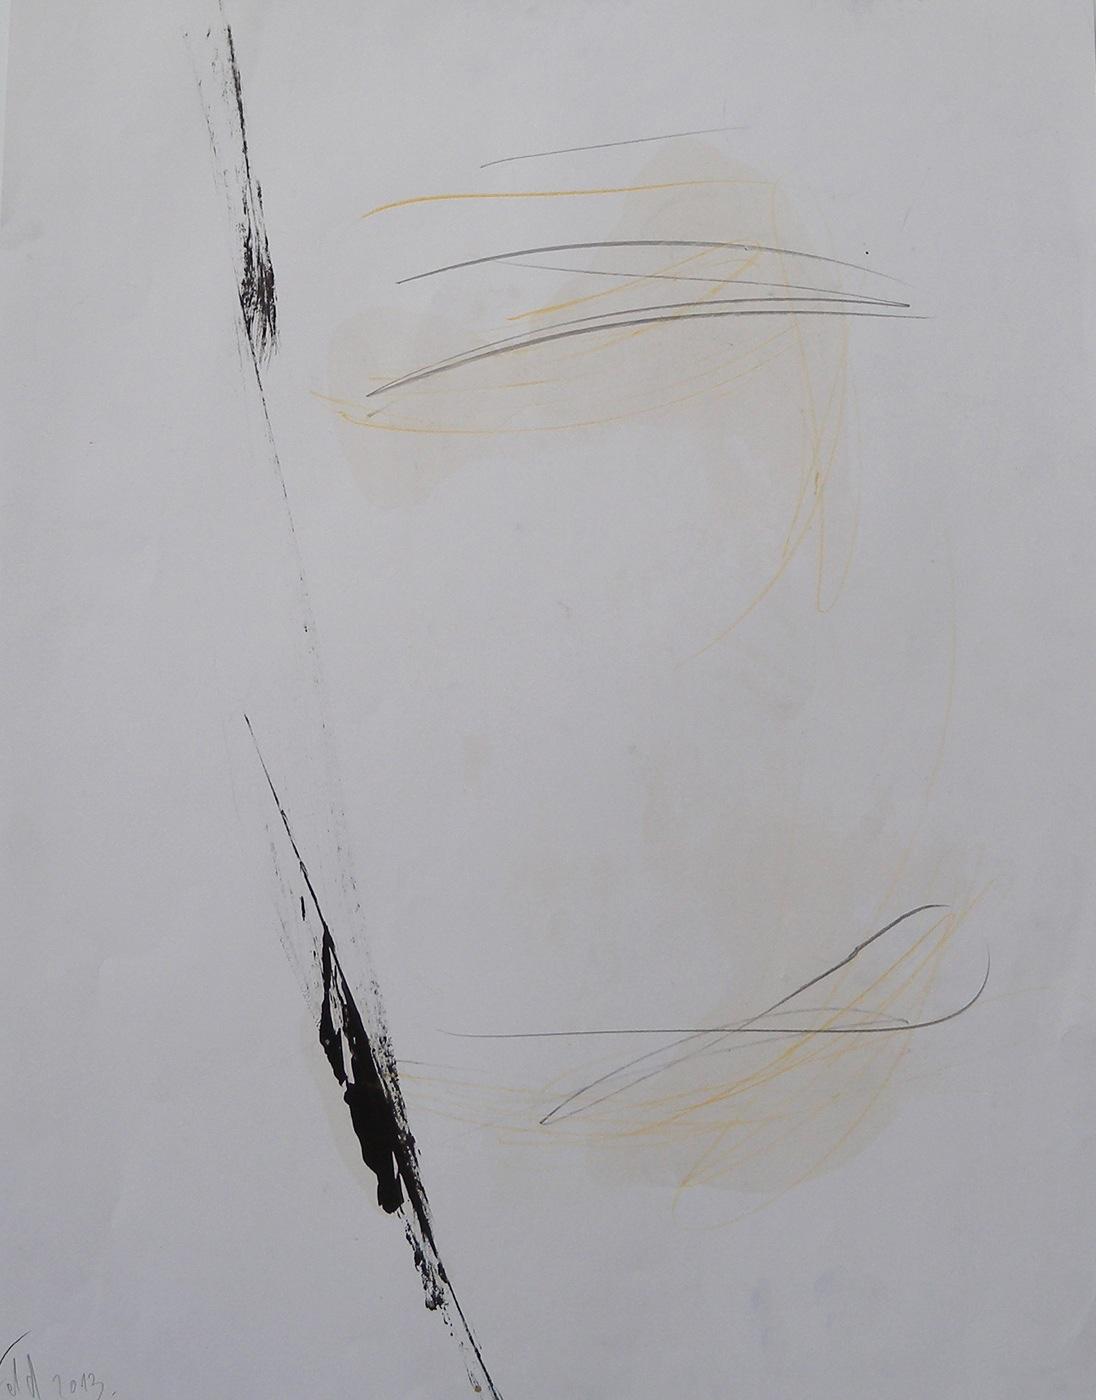 MARC FELD 2013 RUISSEAU Huile, mine de plomb et crayon de couleur sur papier 50 x 65 cm